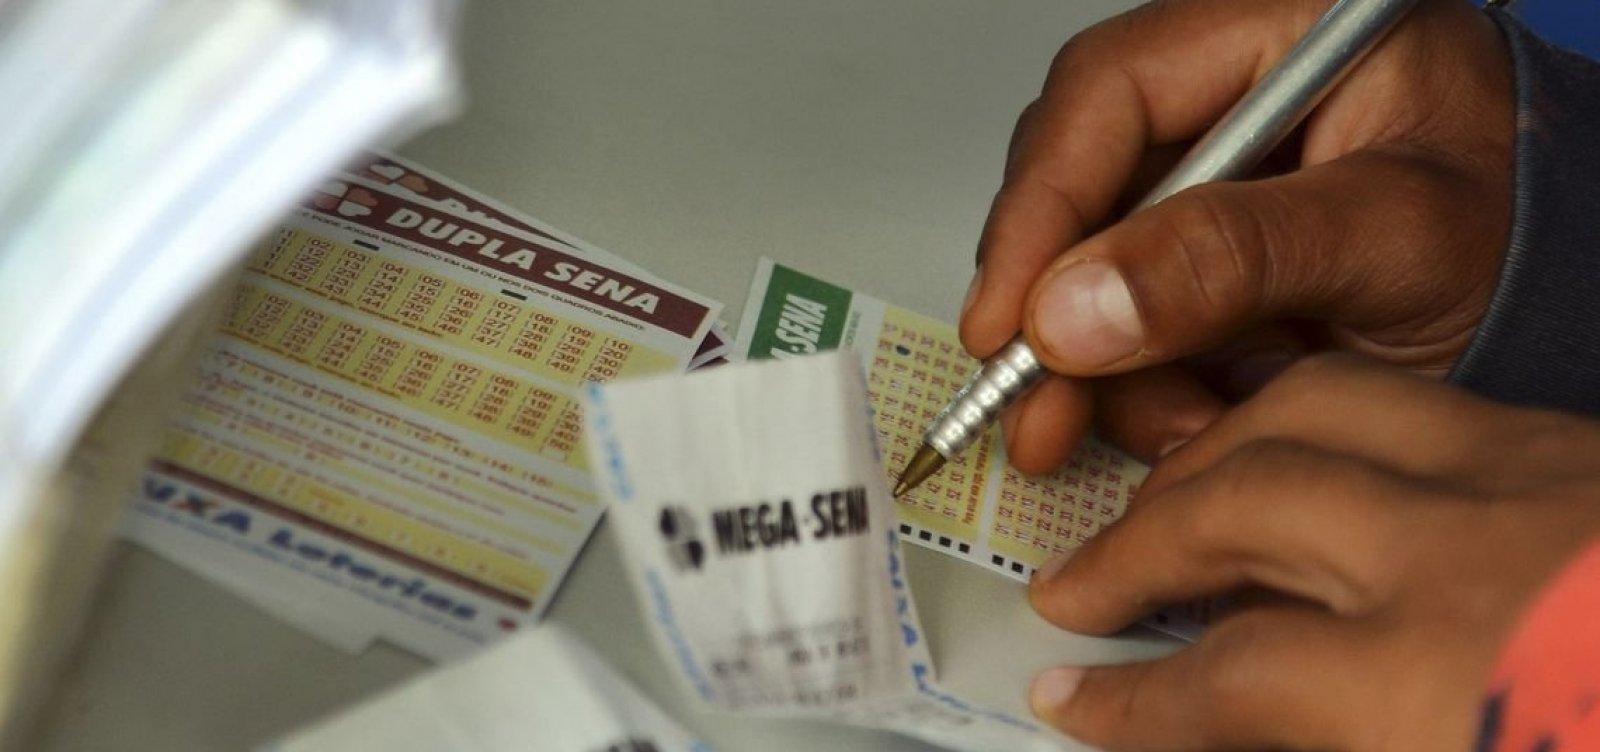 [Mega-Sena: ninguém acerta as seis dezenas e prêmio acumula em R$ 23 milhões]